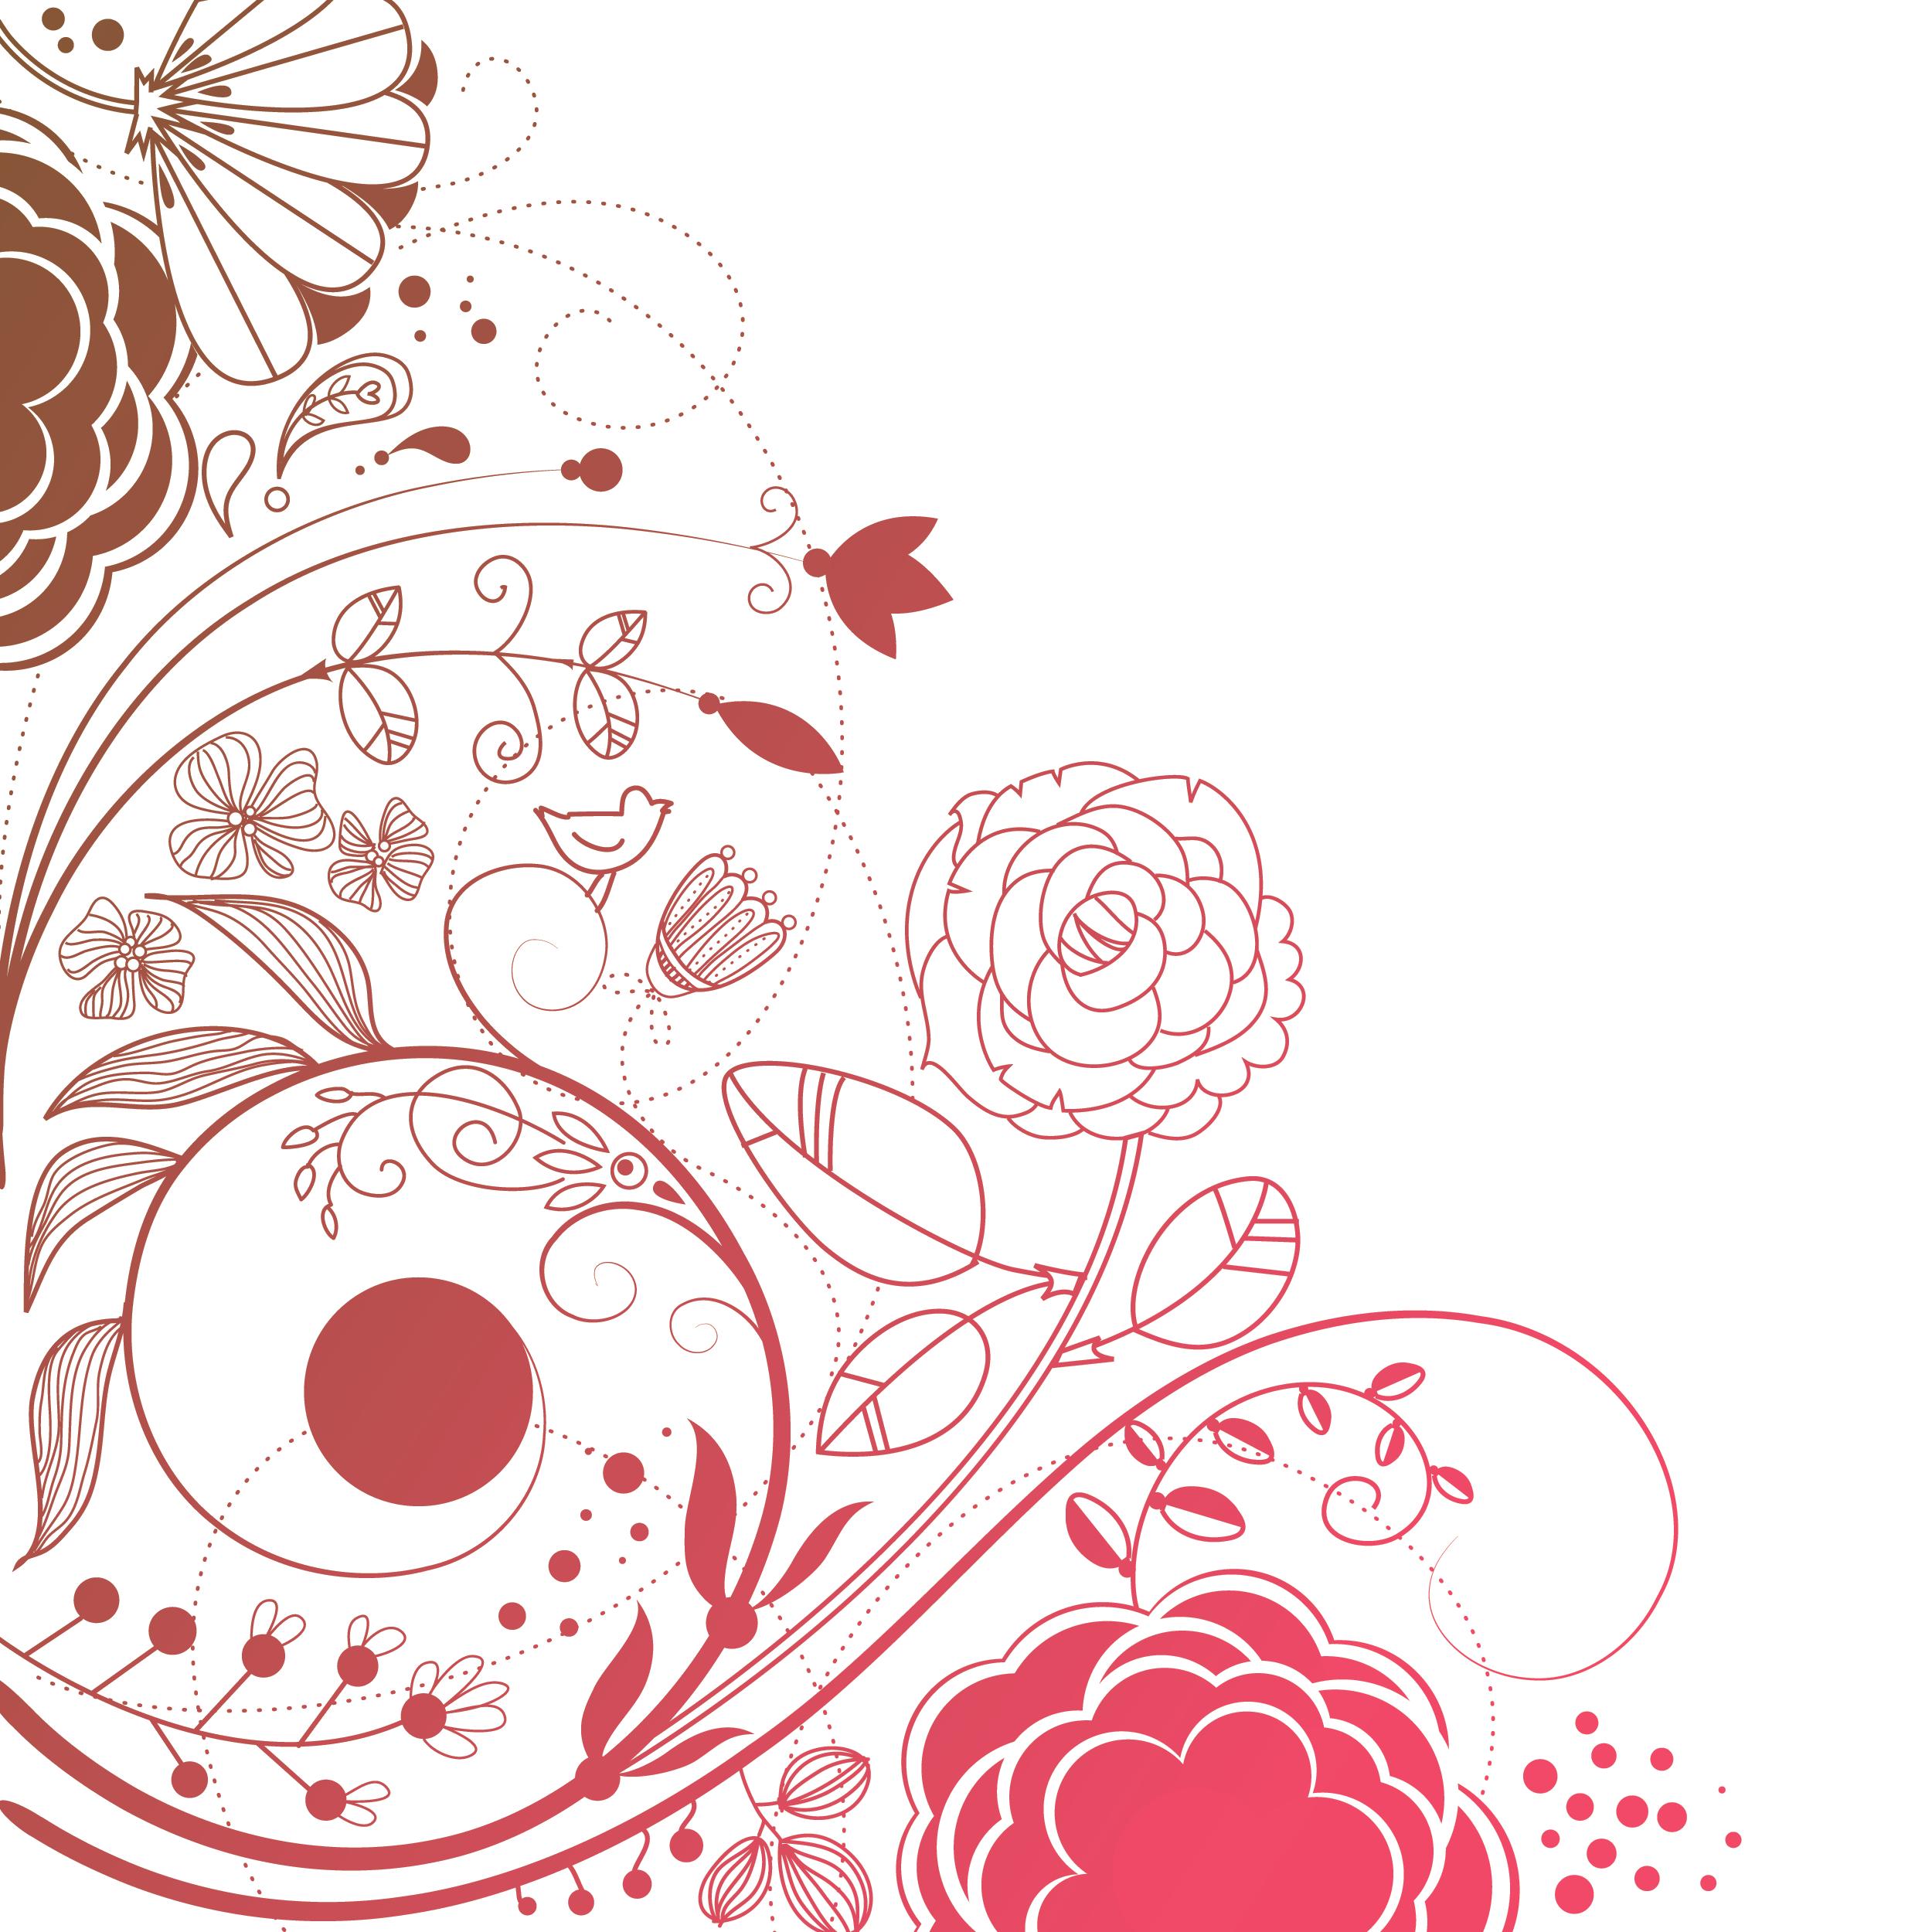 花のイラスト・フリー素材/壁紙・背景no.141『ポップアート・透過色』